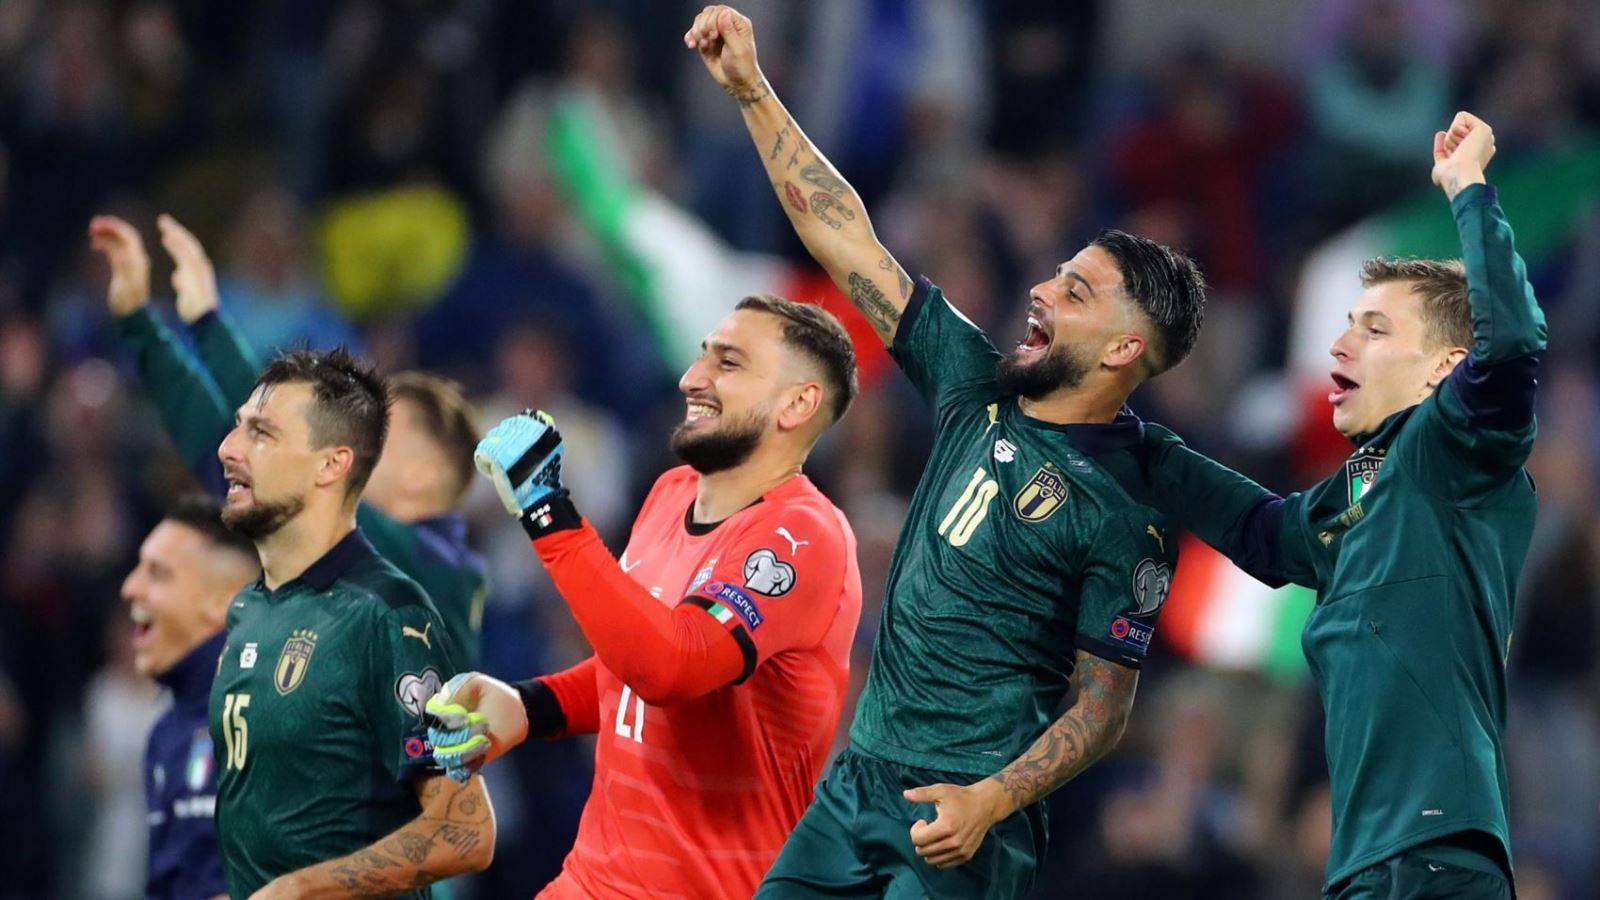 """Soi kèo, tỷ lệ cược Italia vs Thổ Nhĩ Kỳ: """"Cỗ máy chiến thắng"""" ra oai - Ảnh 2."""